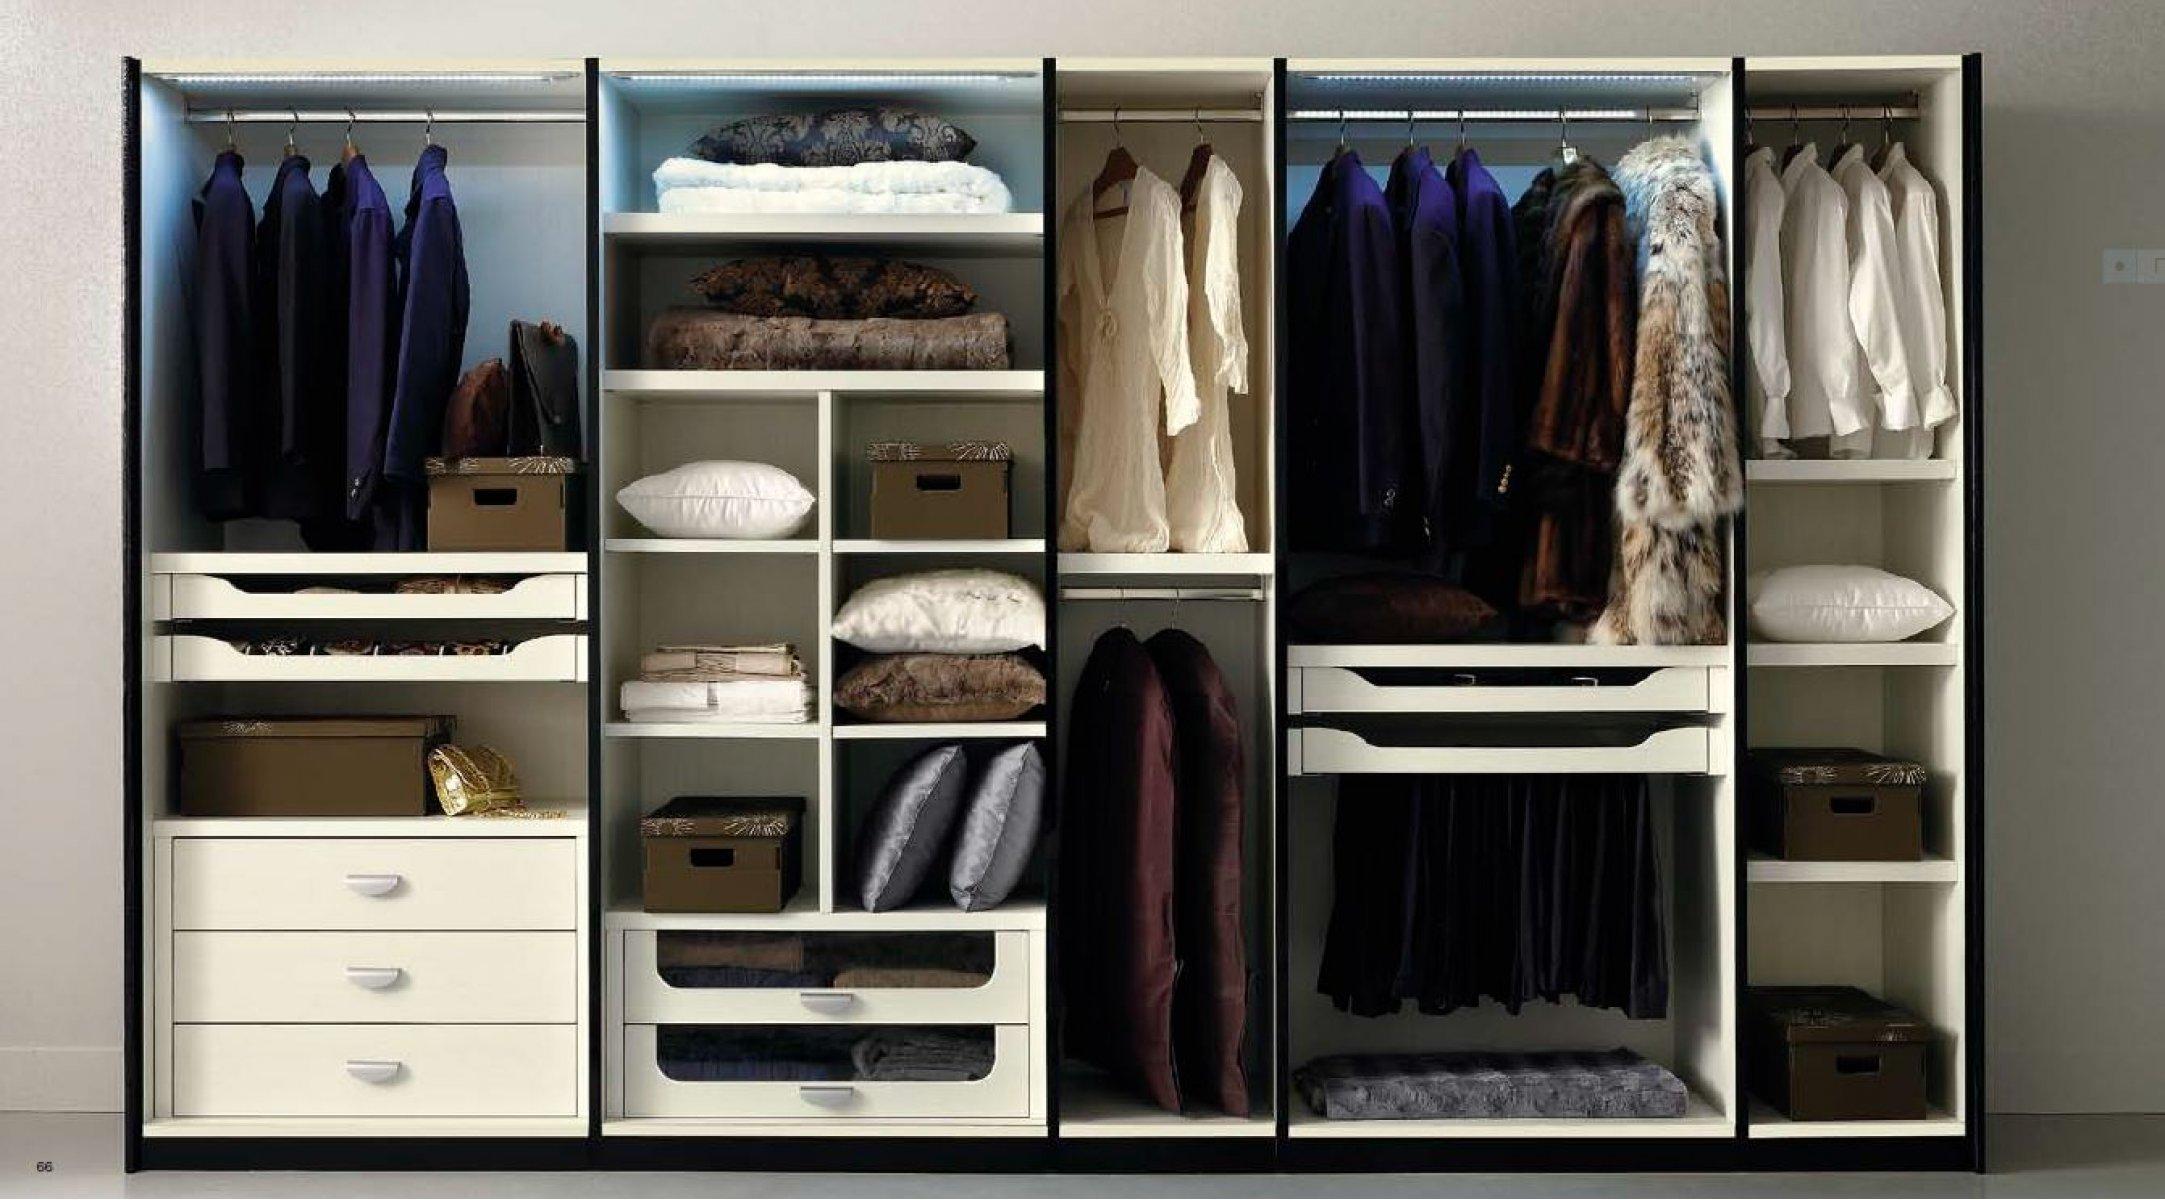 Купить наполнение шкафа или гардеробной в казани от компании.